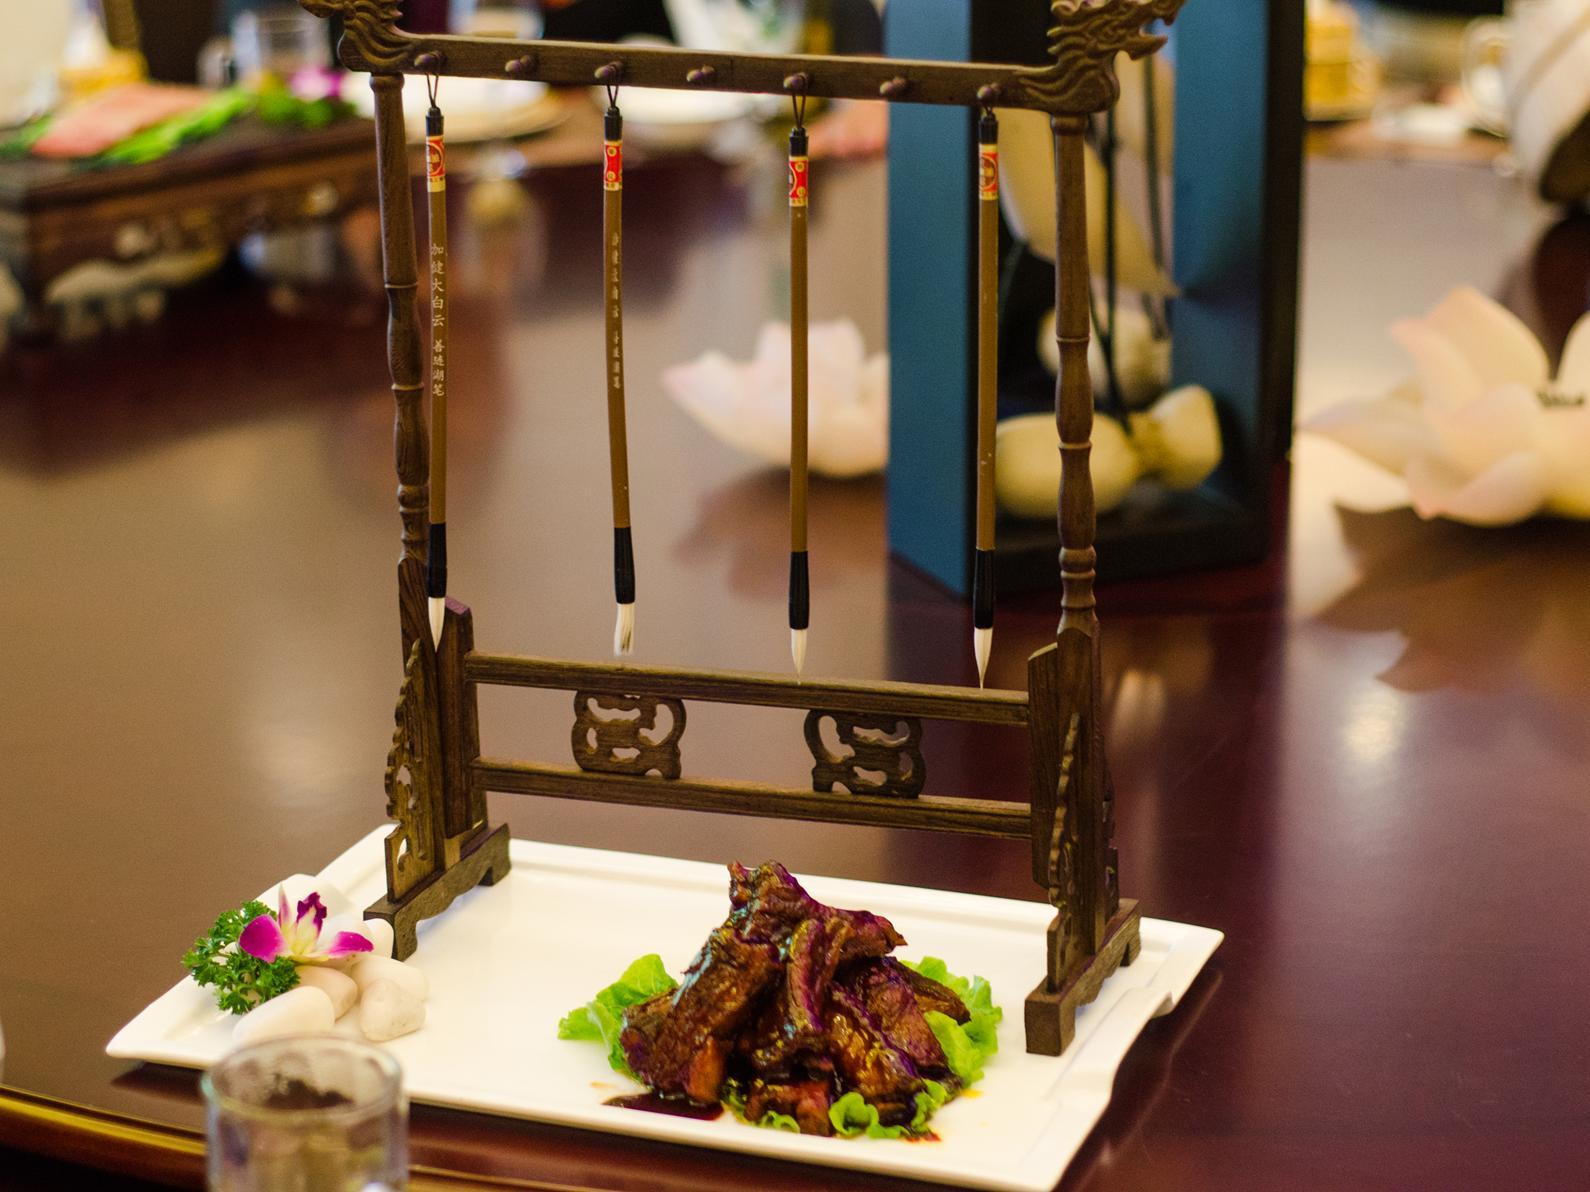 【黄山】徽菜文化里的徽商主义